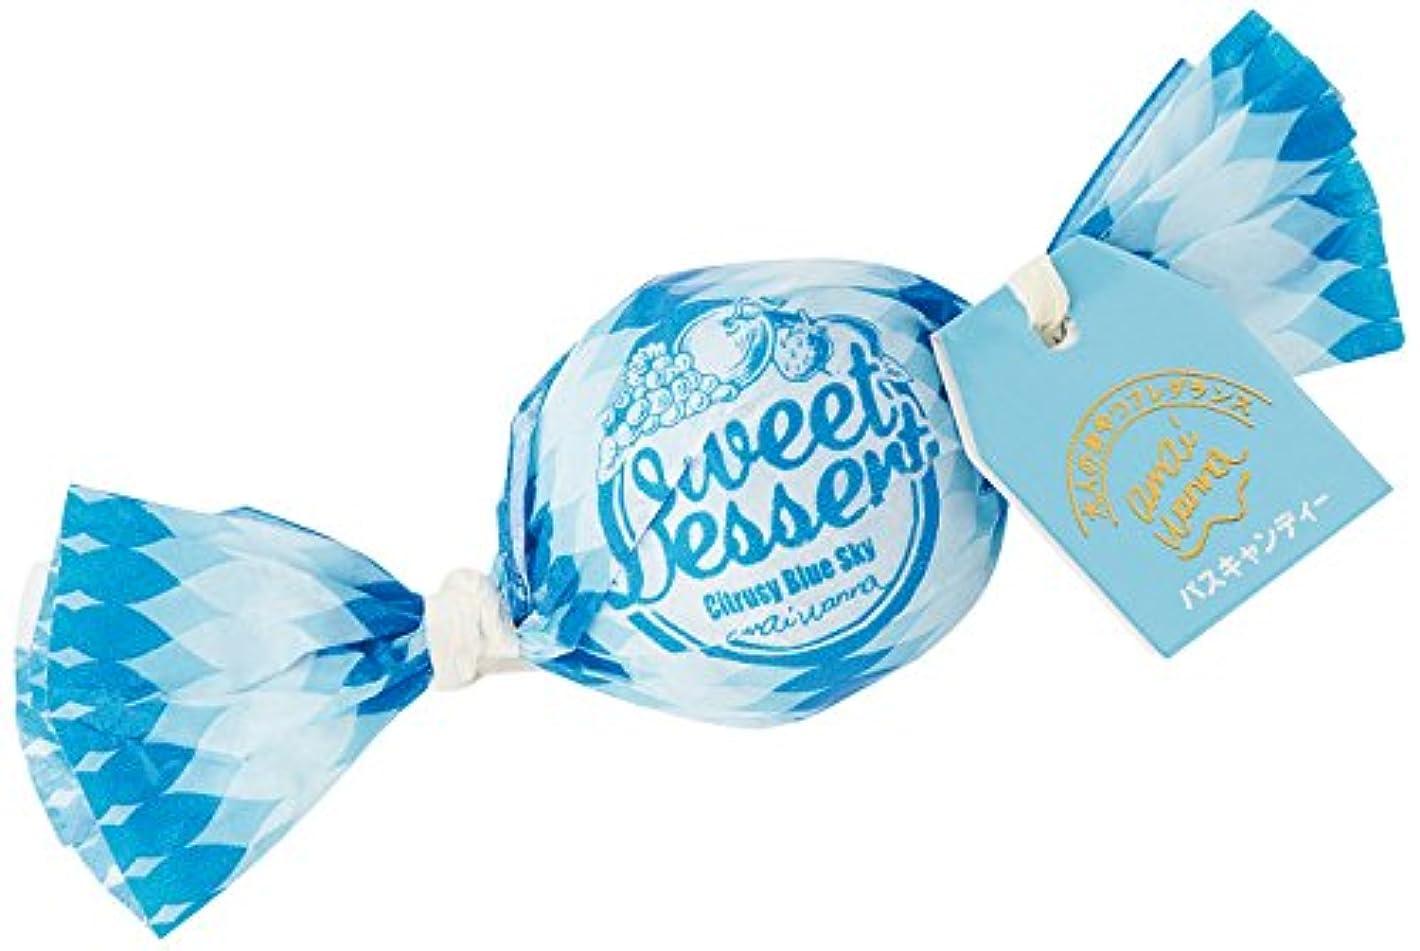 葬儀遺棄されたユダヤ人アマイワナ バスキャンディー35g×12粒 青空シトラス(発泡タイプ入浴料 おおらかで凛としたシトラスの香り)